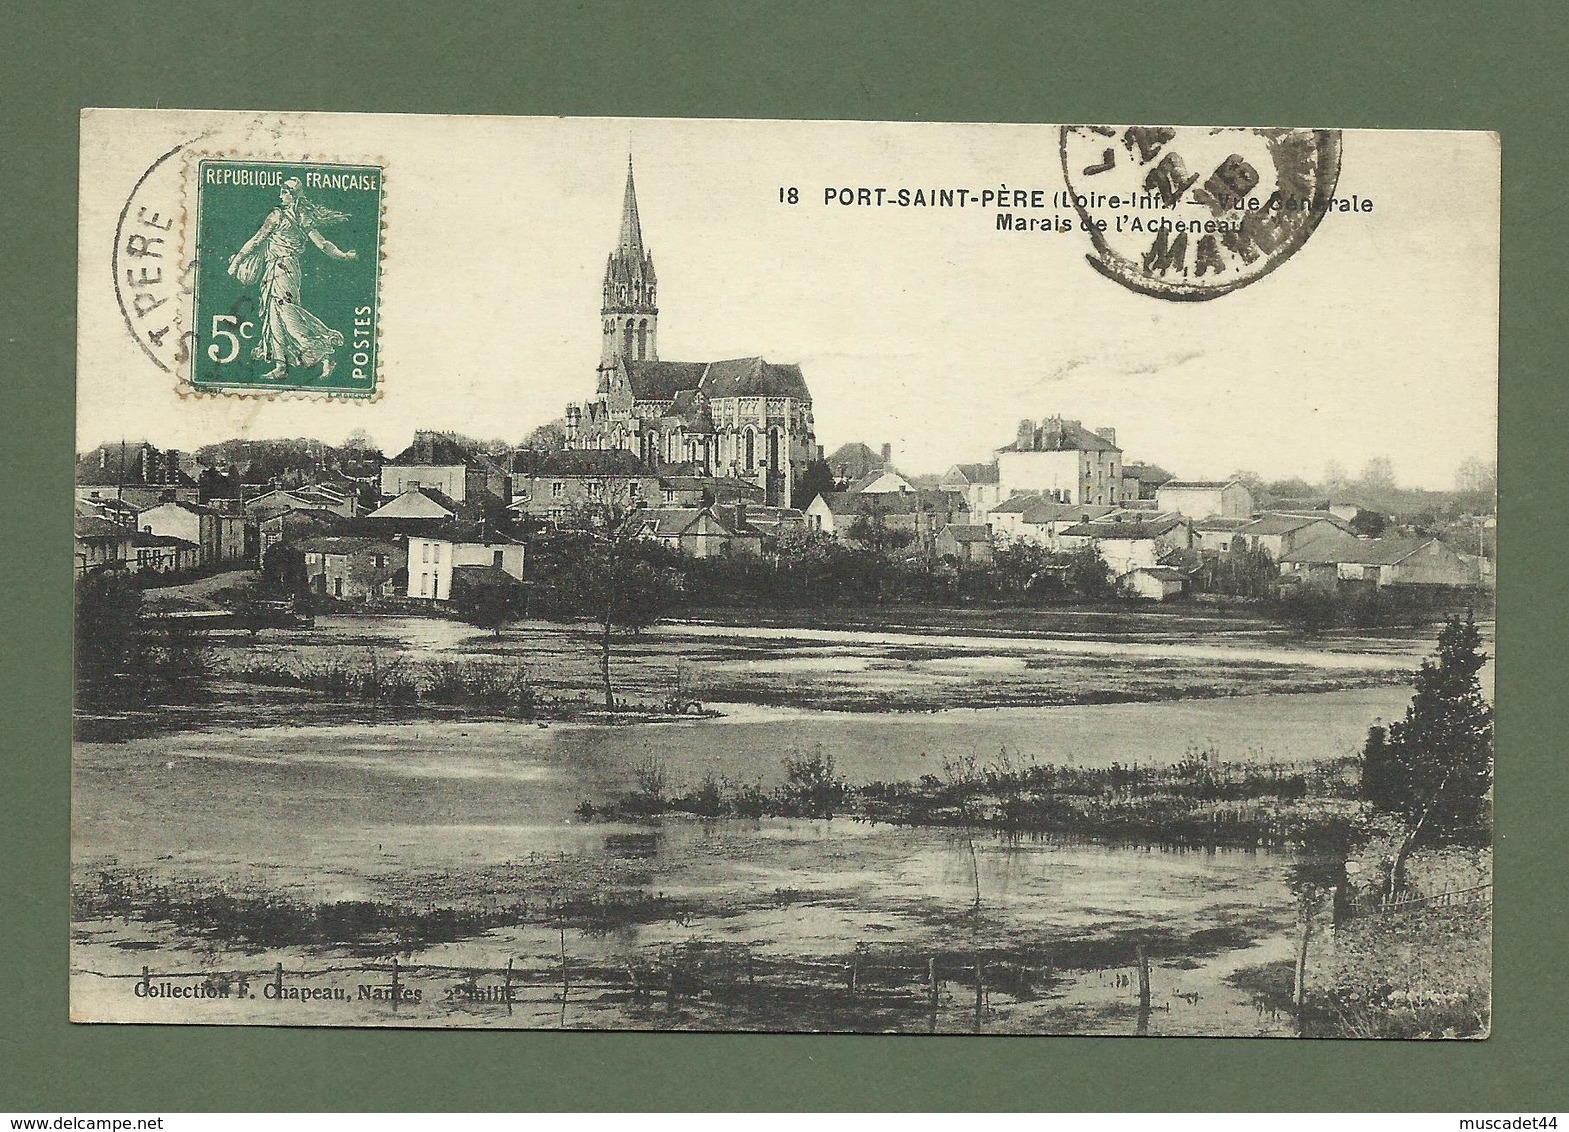 CARTE POSTALE LOIRE ATLANTIQUE  44 PORT SAINT PERE MARAIS DE L ACHENEAU - France